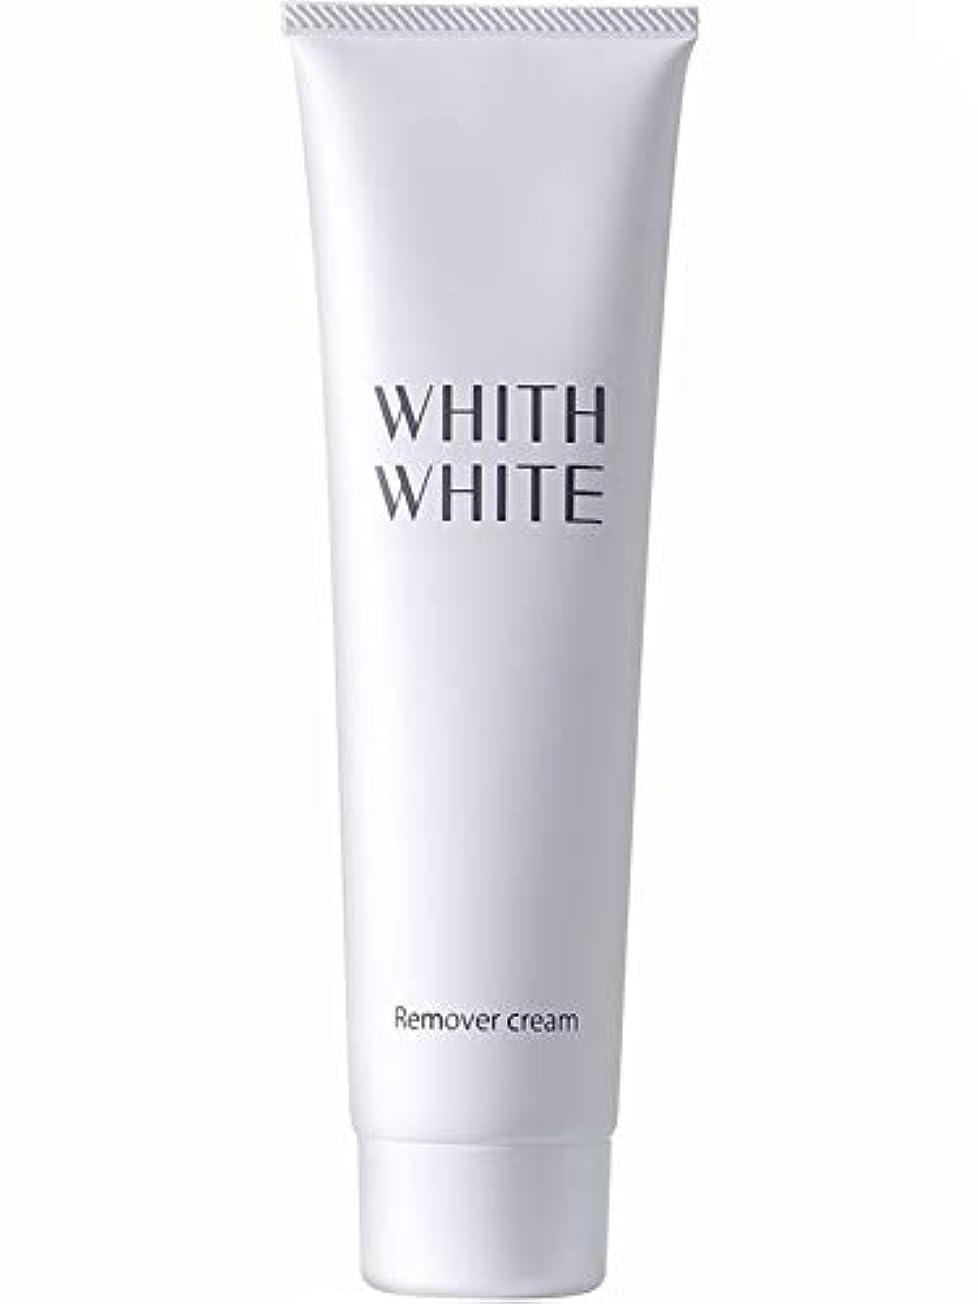 ライオネルグリーンストリート体細胞枕【医薬部外品】 WHITH WHITE(フィス ホワイト) 除毛クリーム 150g 陰部 使用可能